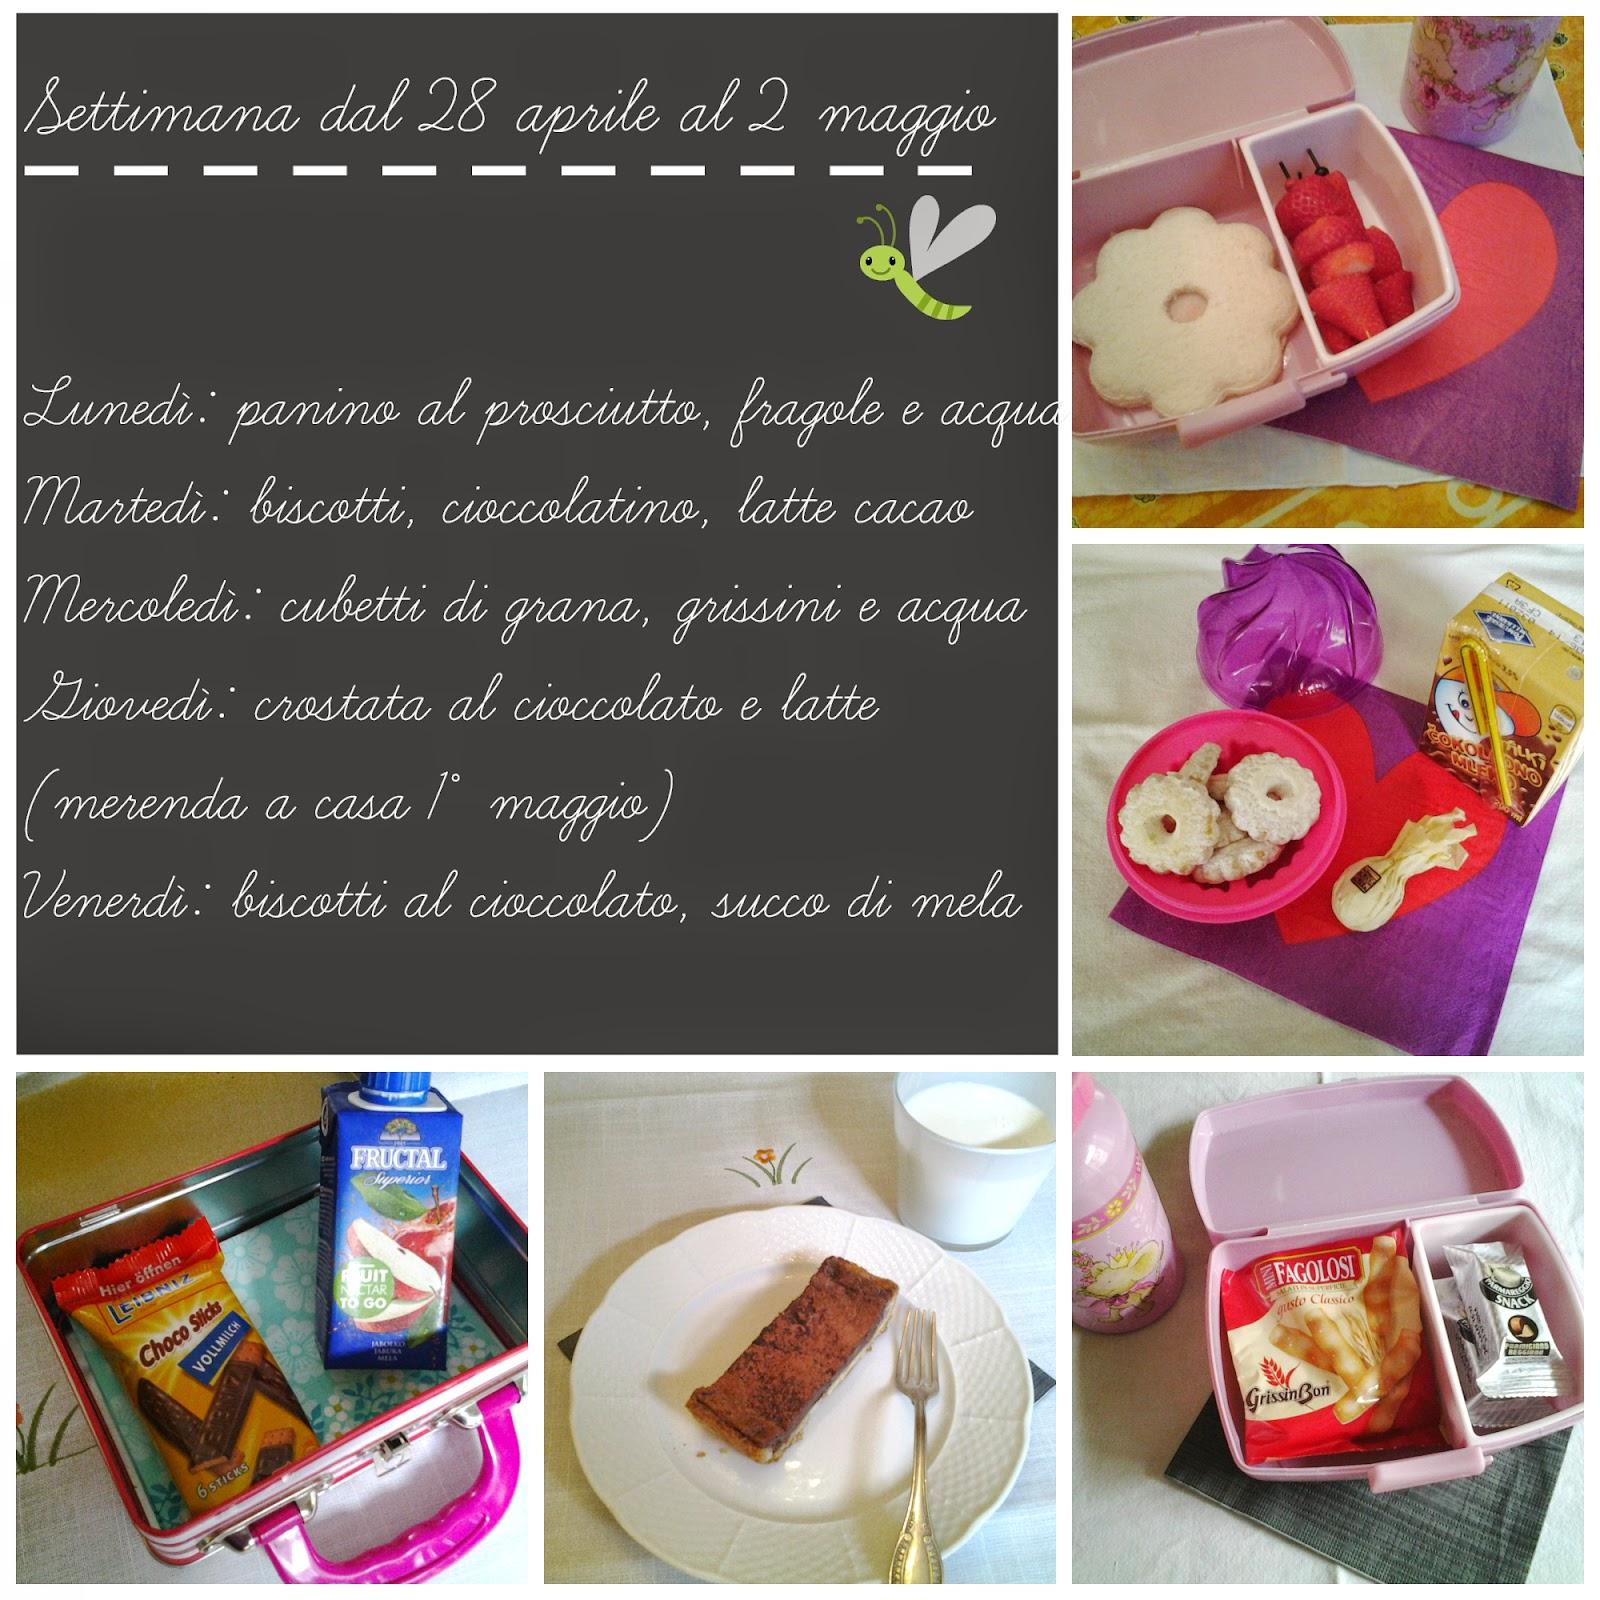 http://www.colazionialetto.com/2014/05/lemerendedicamilla-dal-28-aprile-al-2.html